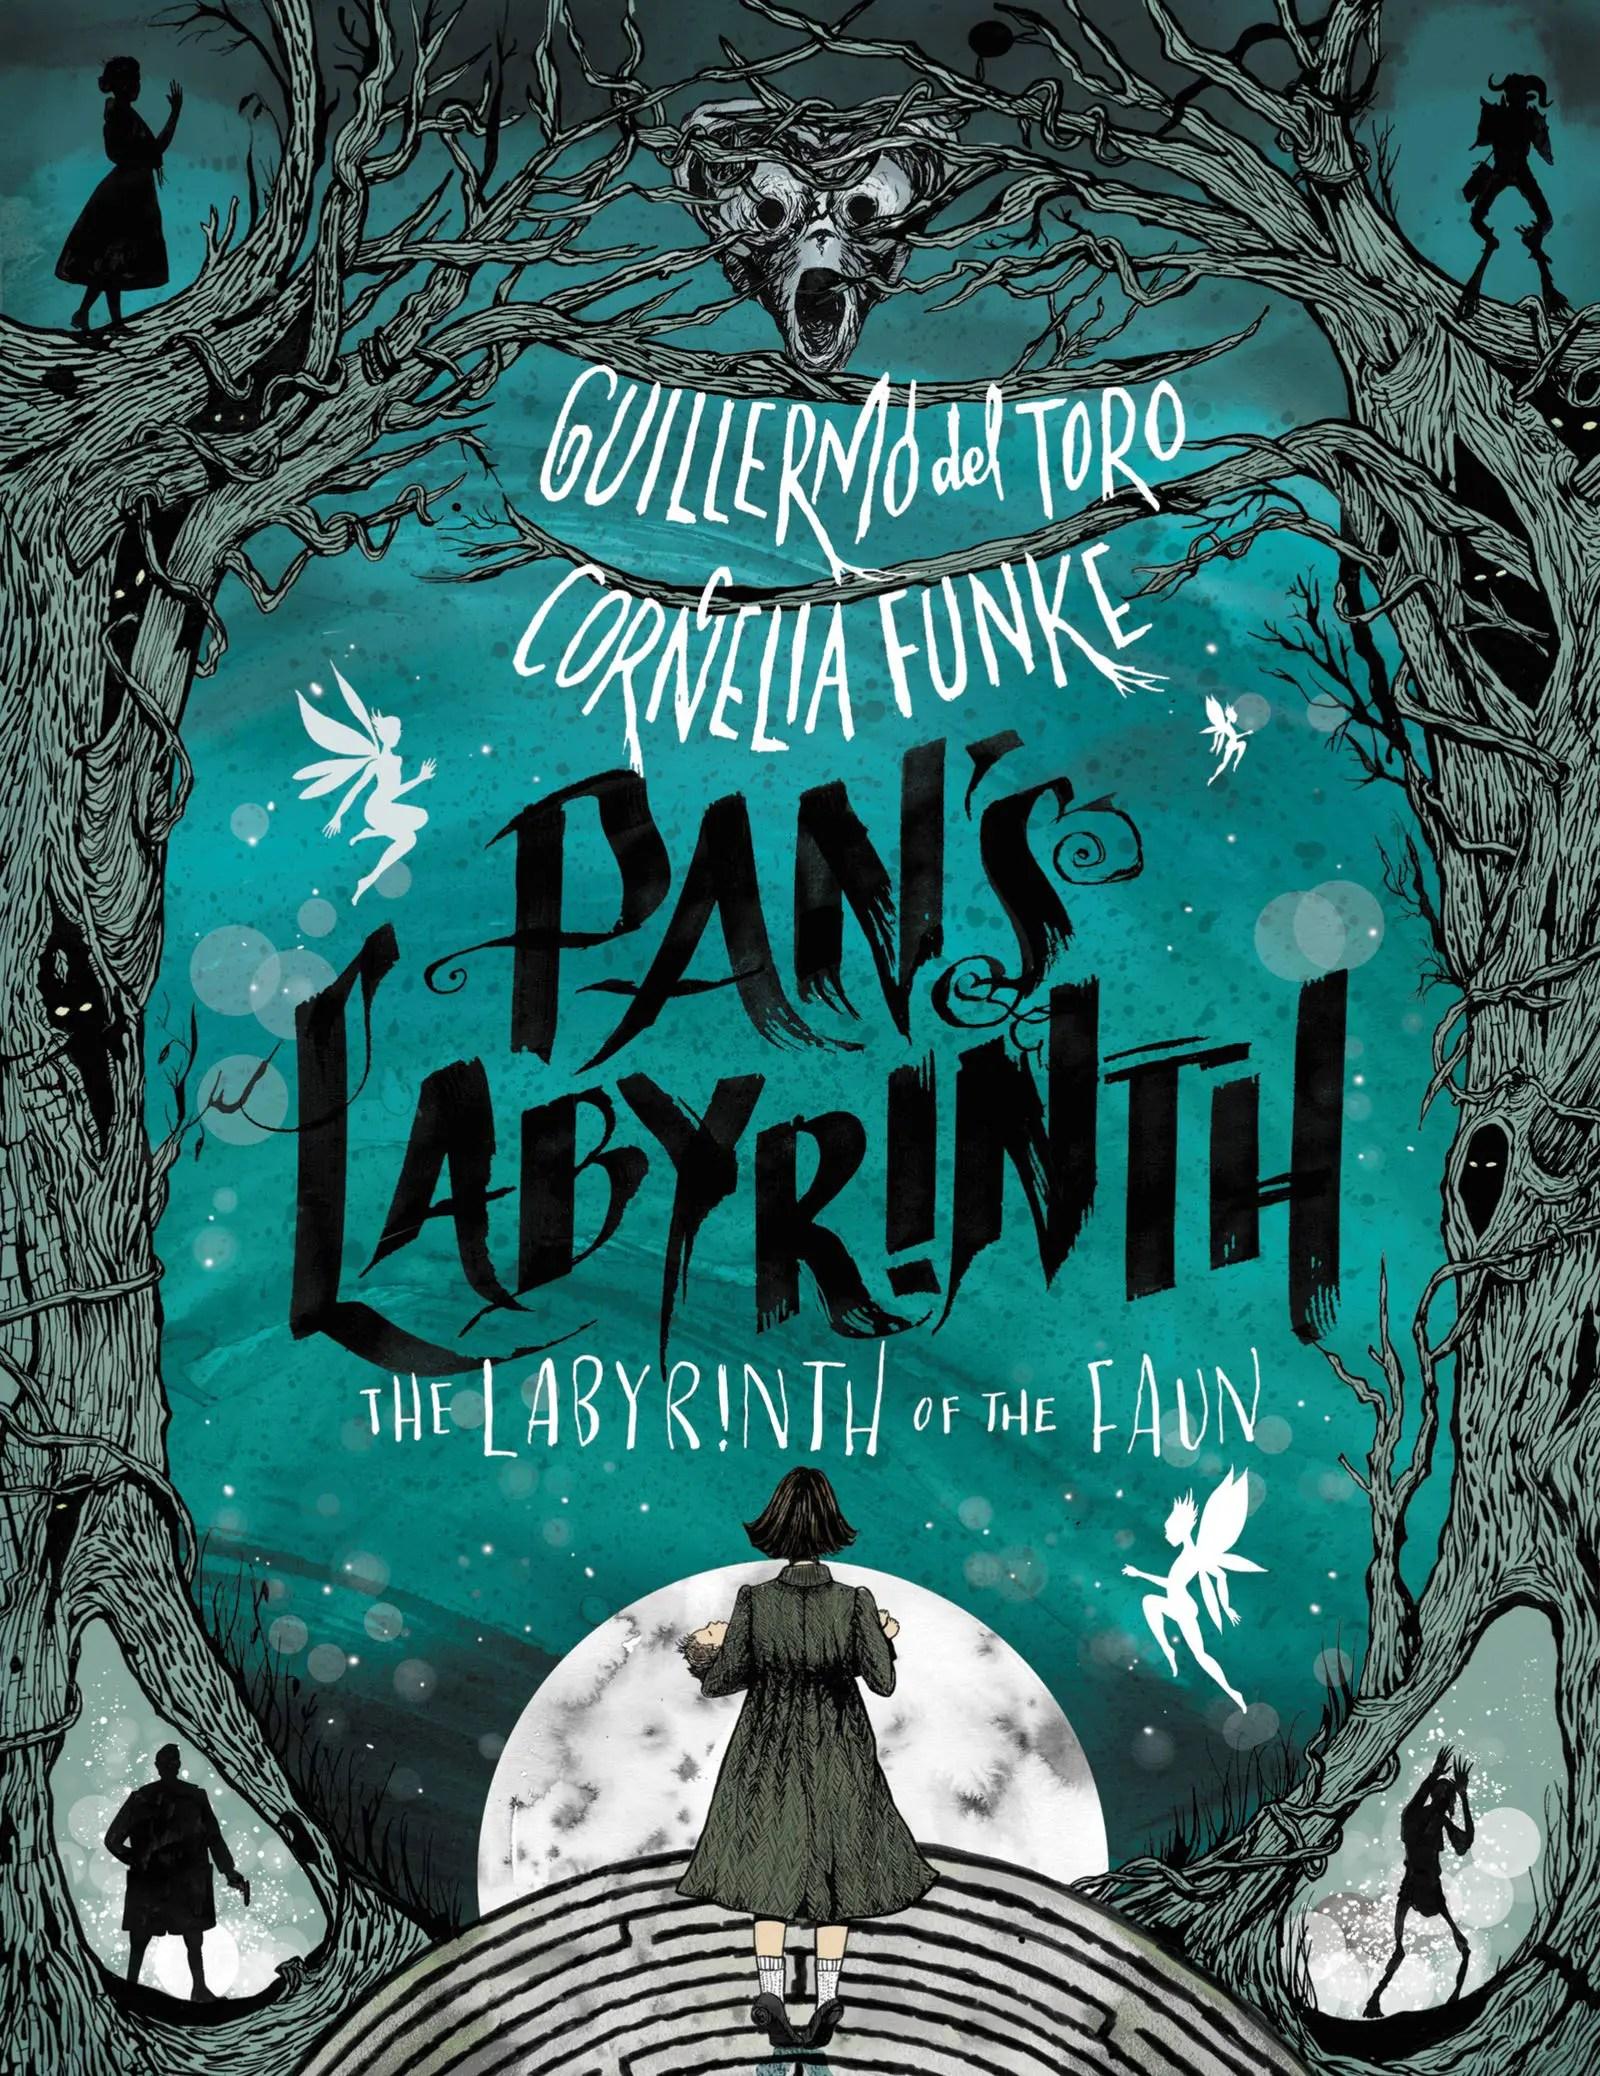 Guillermo Del Toro Cornelia Funke Pans Labyrinth US cover